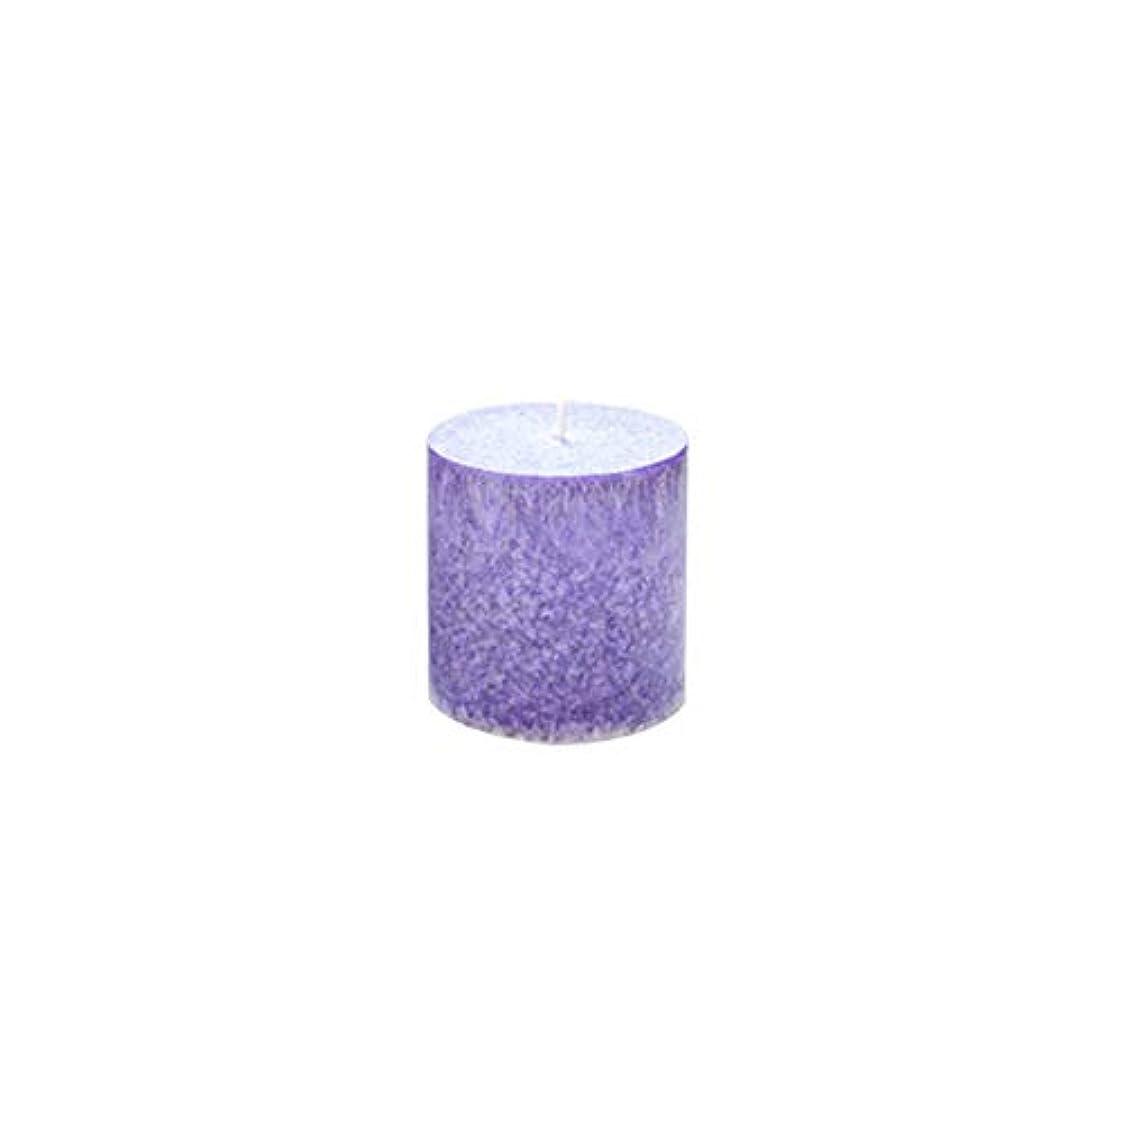 憎しみオーバードロージャニスRakuby 香料入り 蝋燭 ロマンチック 紫色 ラベンダー アロマ療法 柱 蝋燭 祝祭 結婚祝い 無煙蝋燭